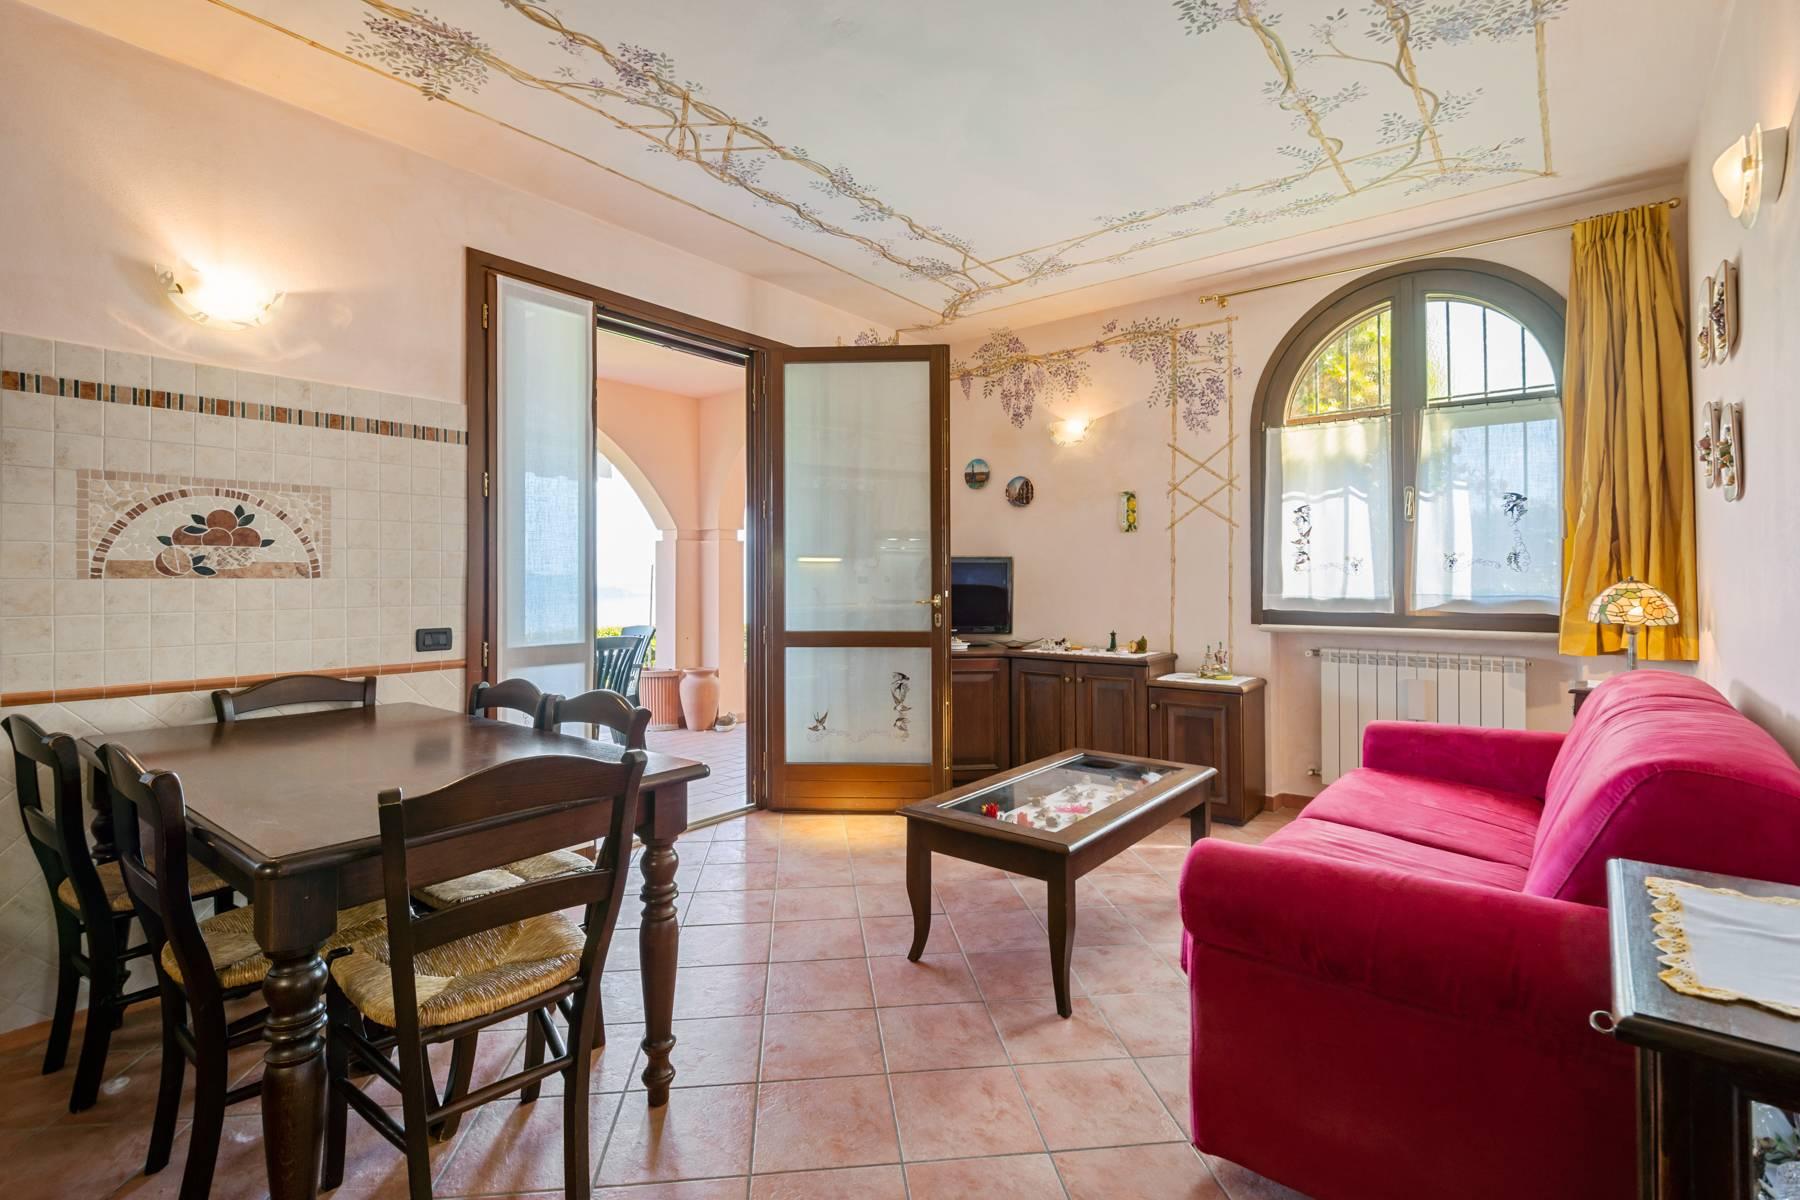 Casa indipendente in Vendita a Toscolano-Maderno: 4 locali, 76 mq - Foto 9